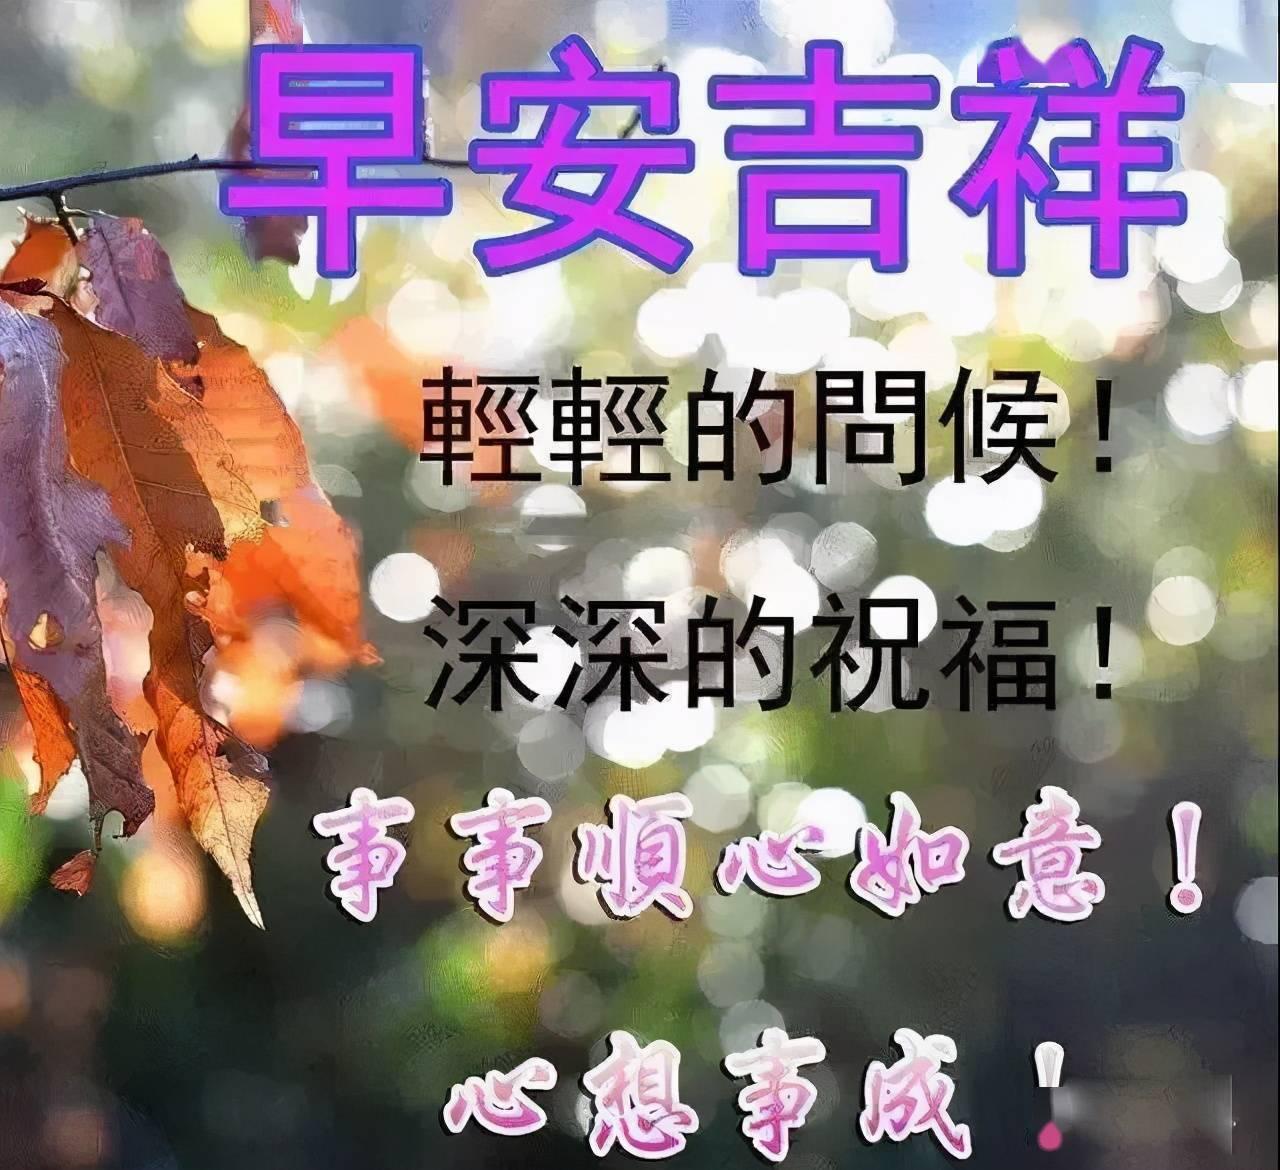 【精华】2020年早安问候语QQ集锦36条 朋友圈早安问候语图片